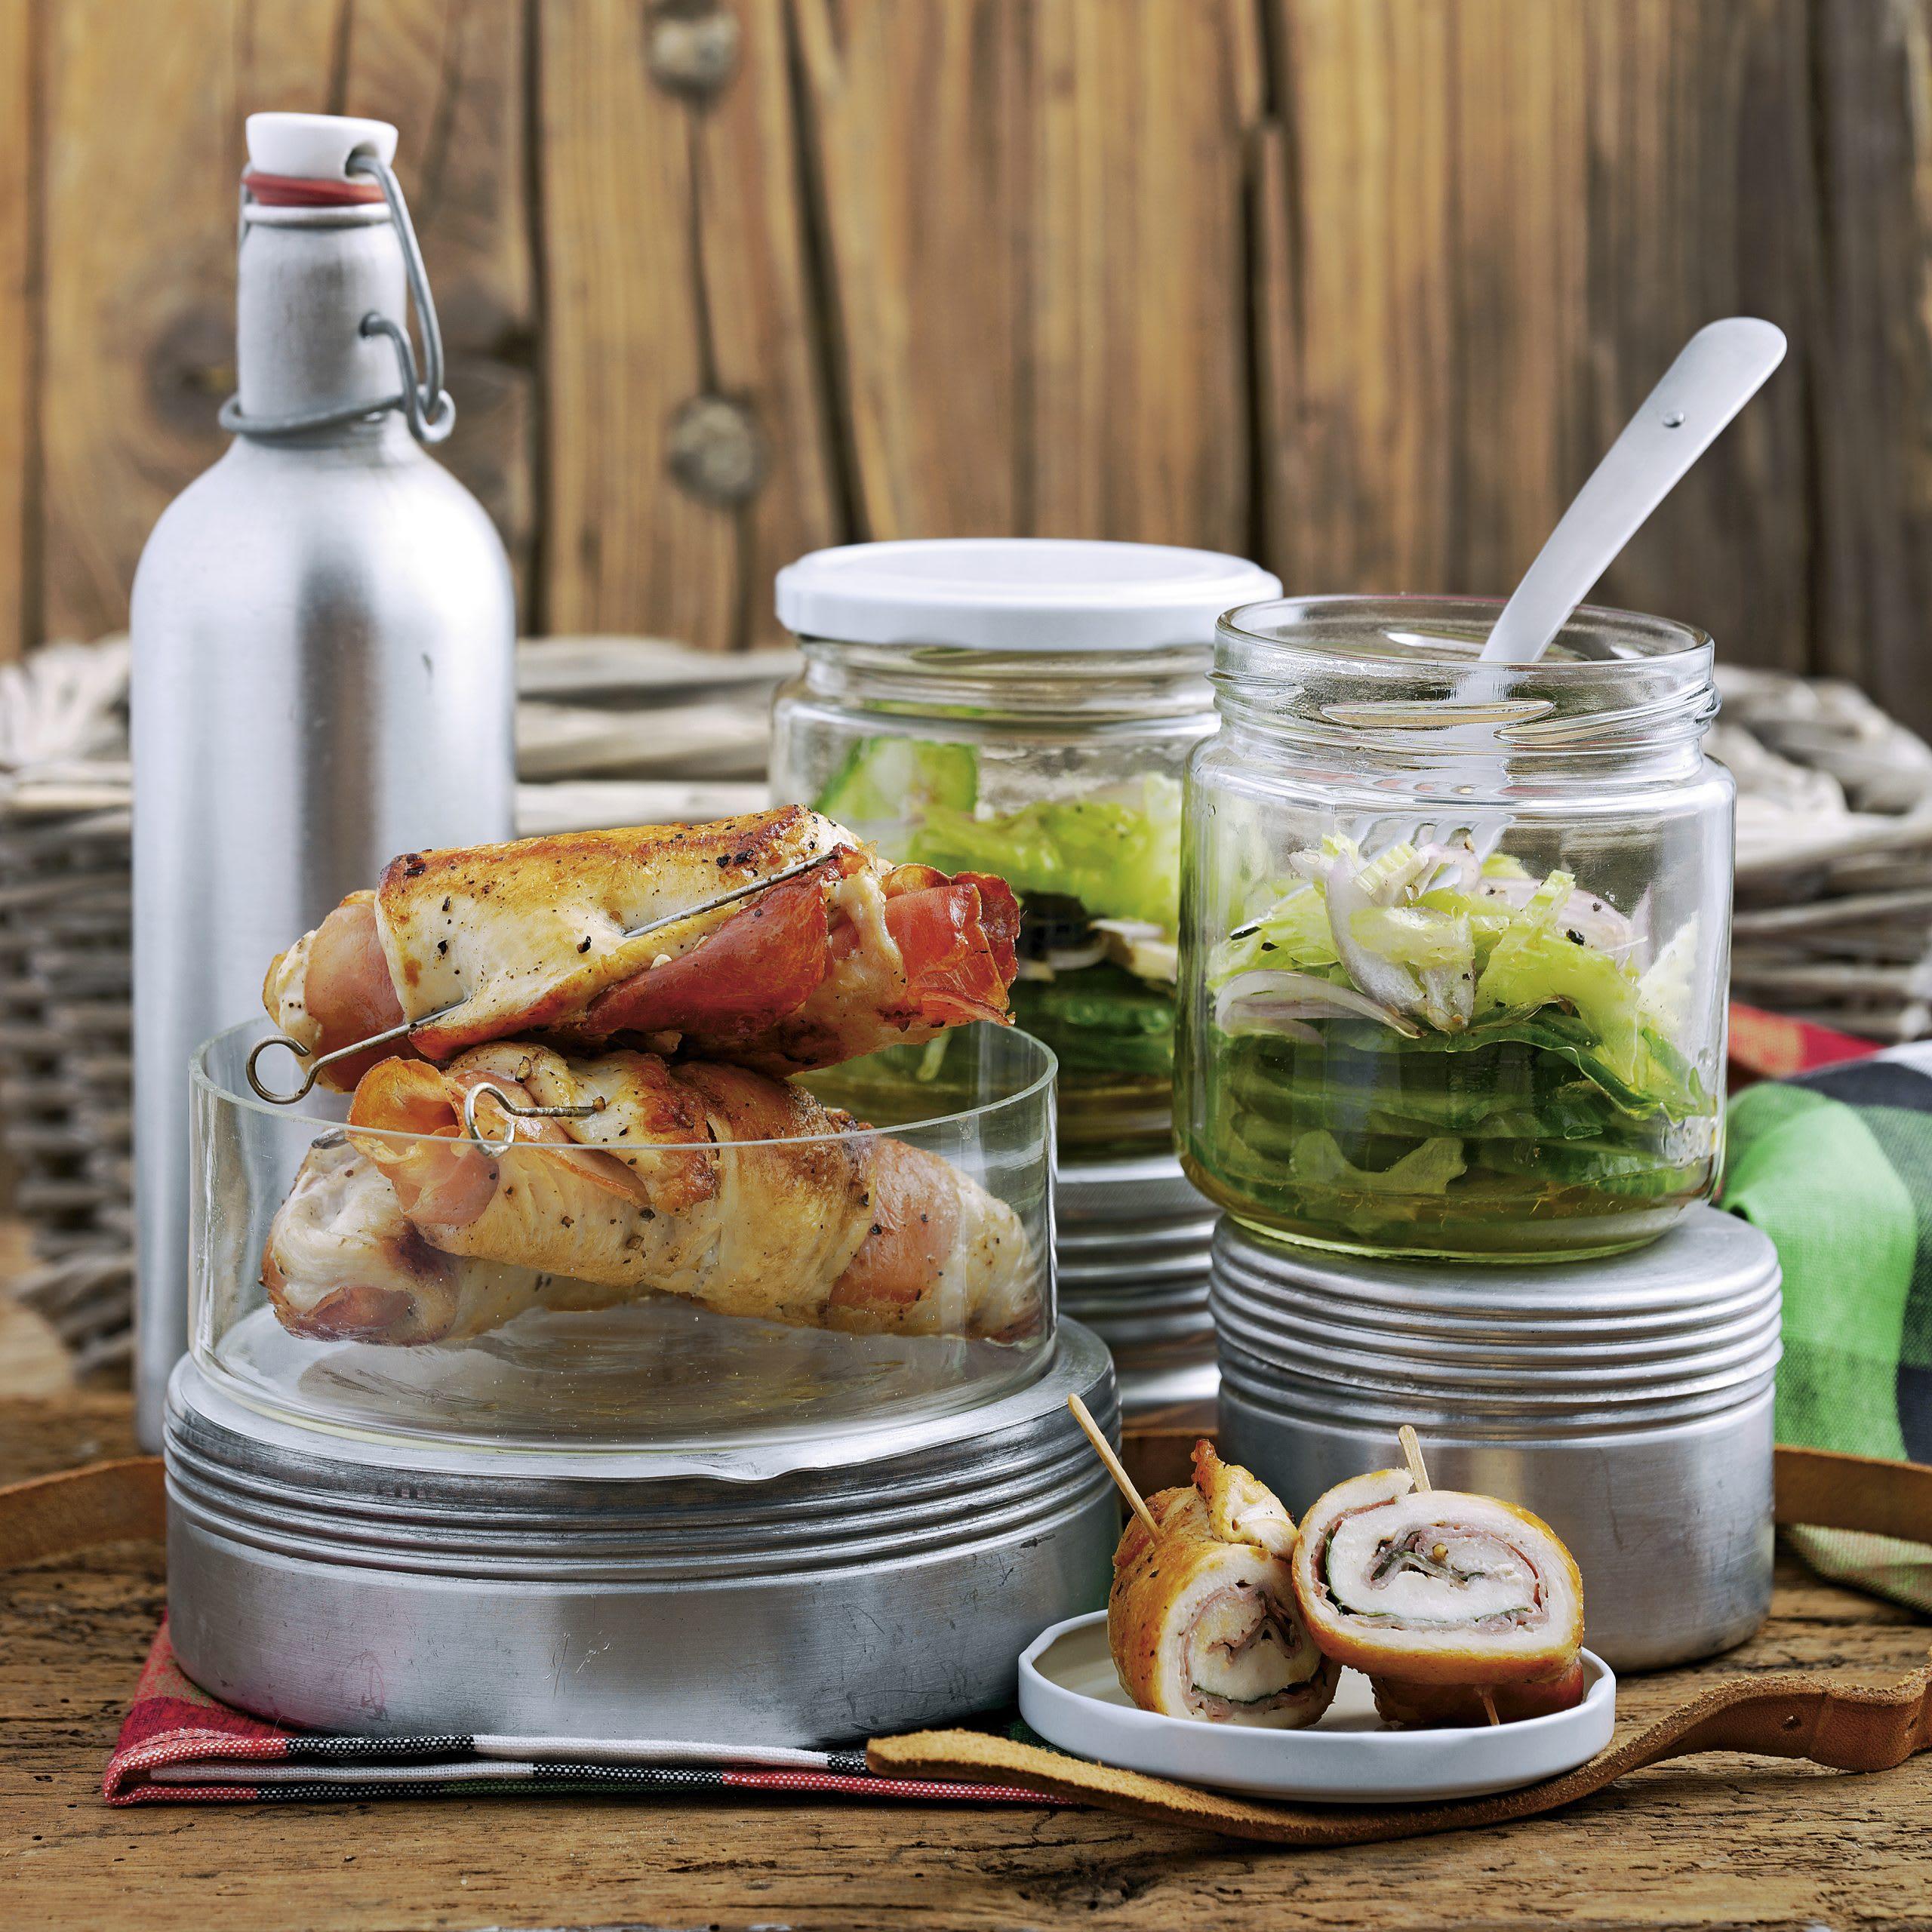 Roulades de poulet et salade de concombre